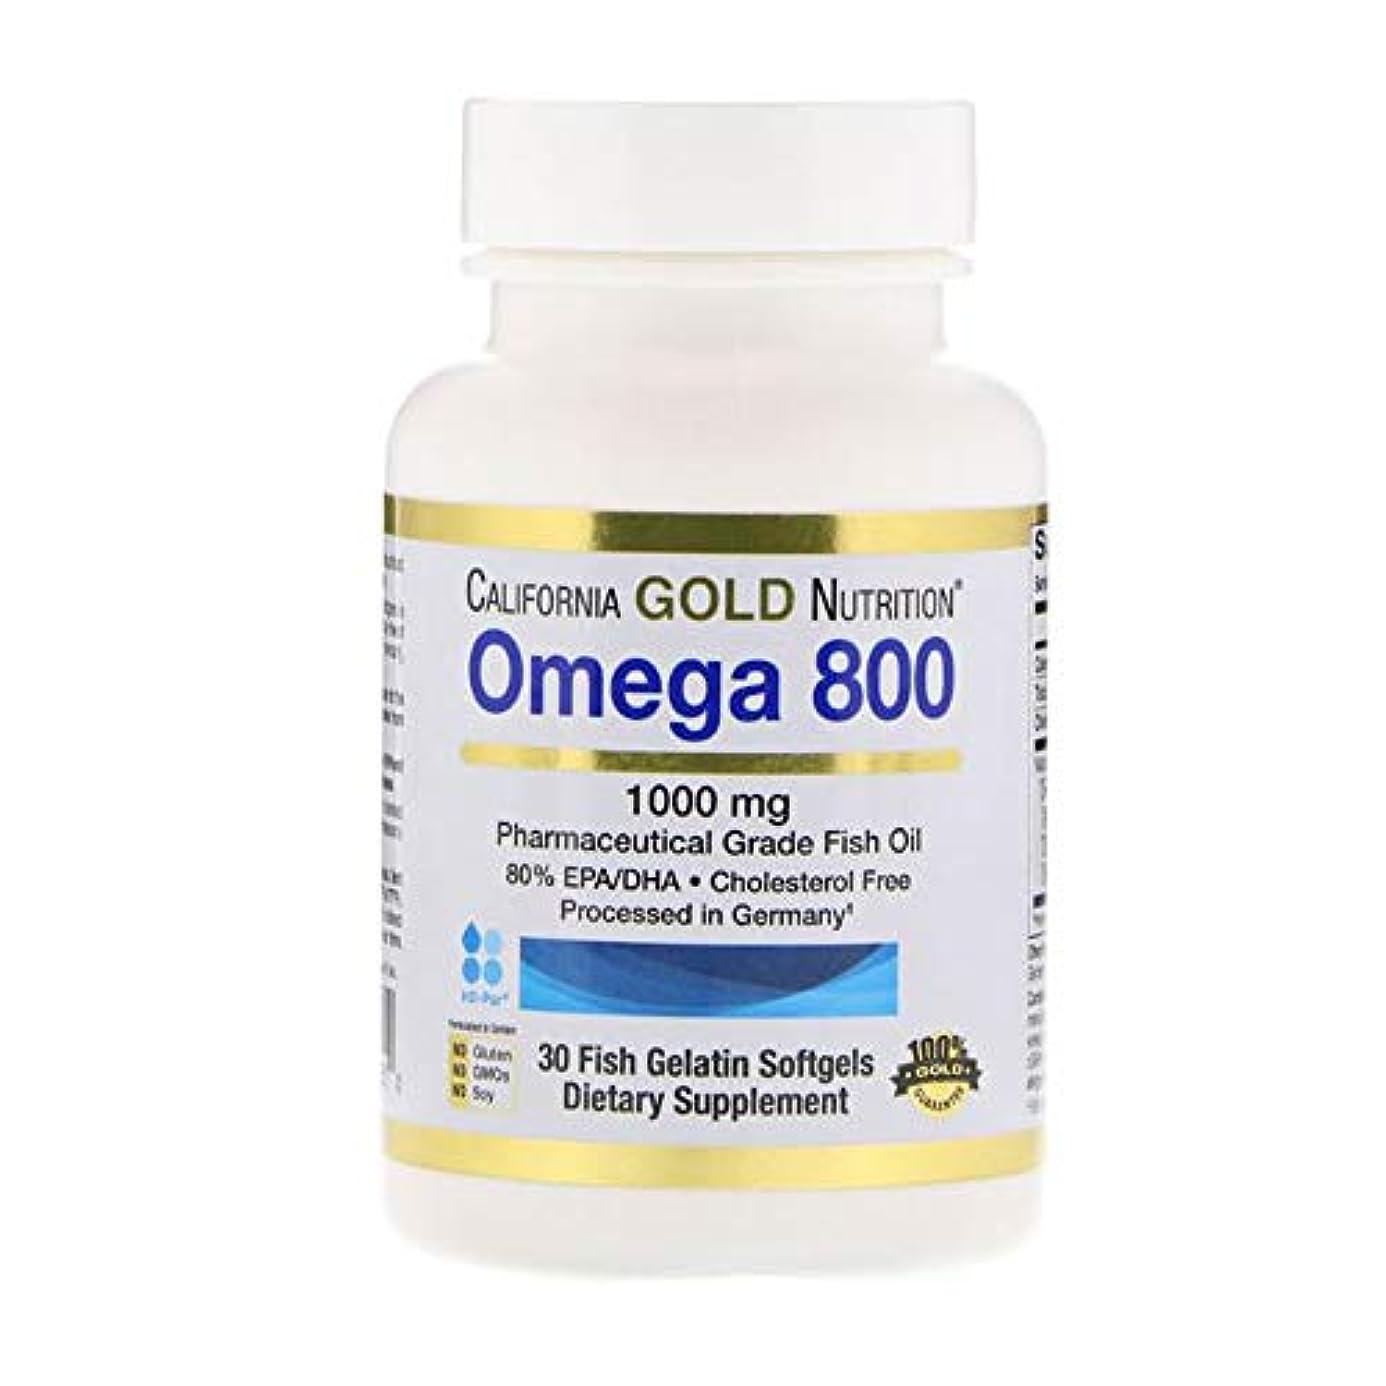 のスコアいとこモニカCalifornia Gold Nutrition オメガ 800 80% EPA DHA 1000mg 30個 【アメリカ直送】